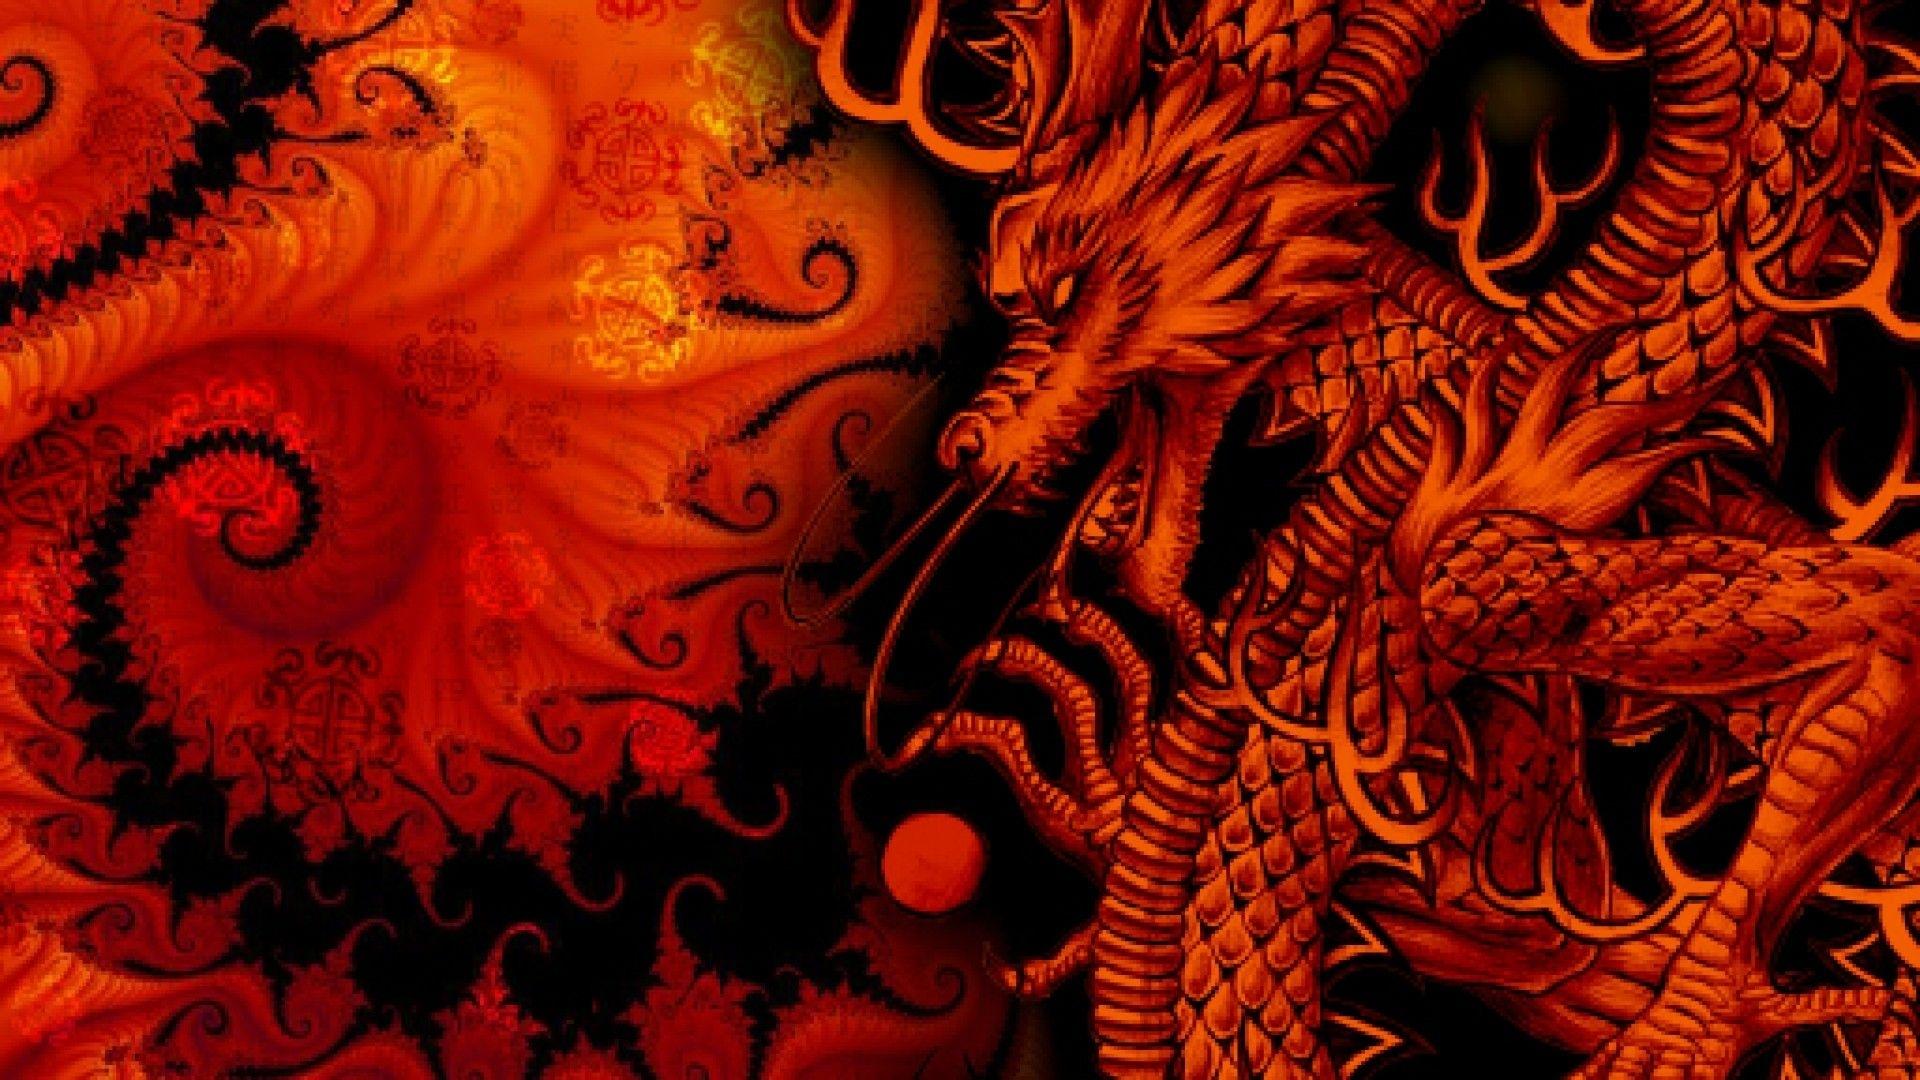 Title Dragon Wallpapers P Wallpaper 1920x1080 Hd 1080p Dimension 1920 X 1080 File Type JPG JPEG